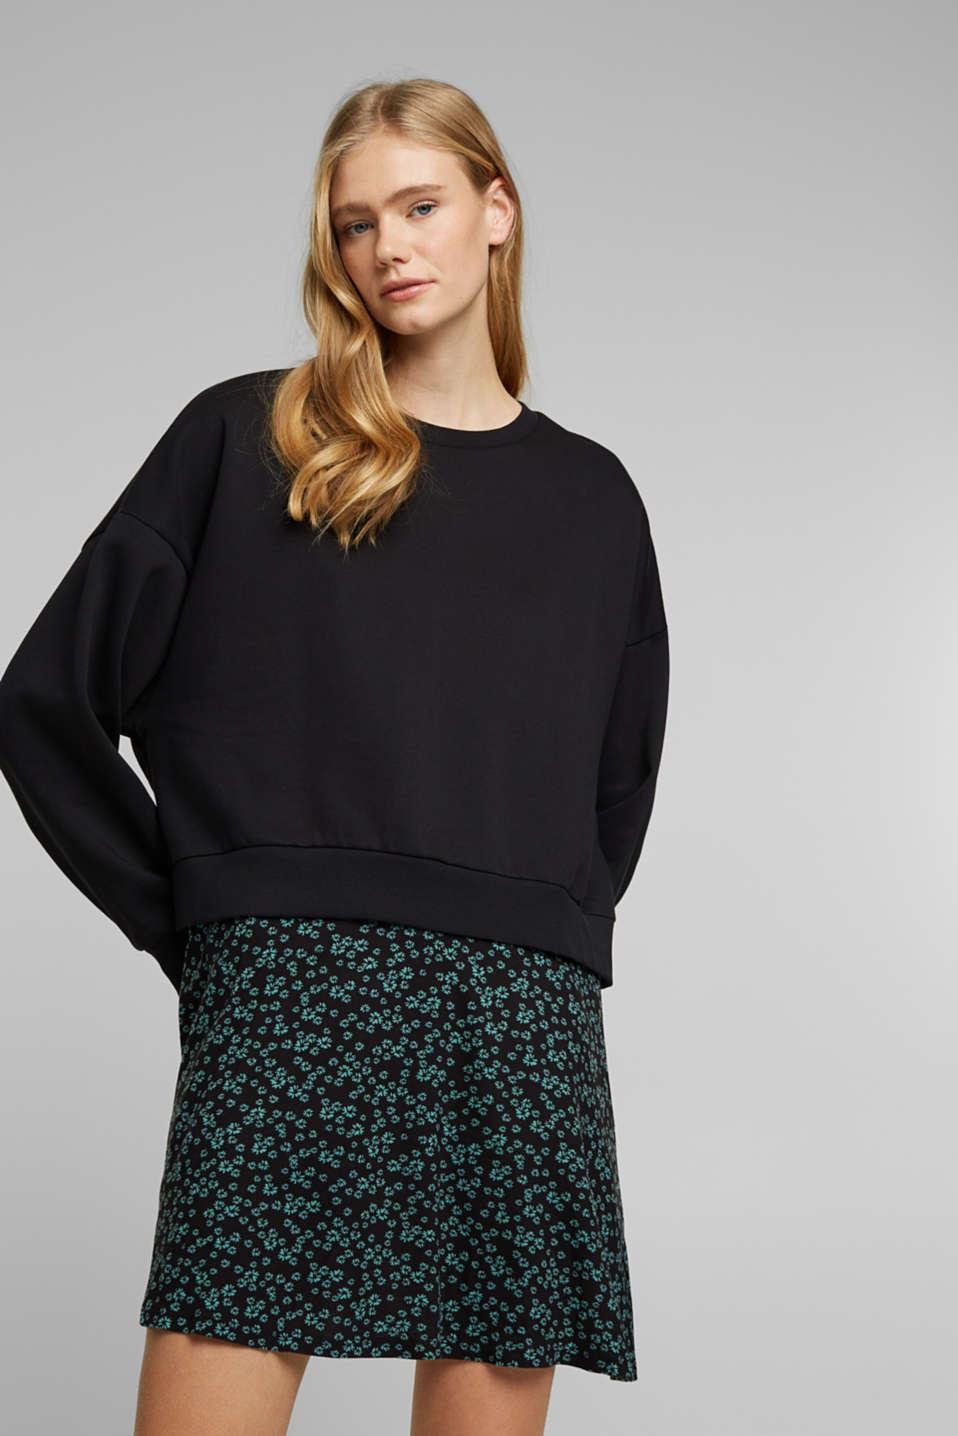 edc - Sweaterkleid mit Rock aus LENZING™ ECOVERO™ im ...